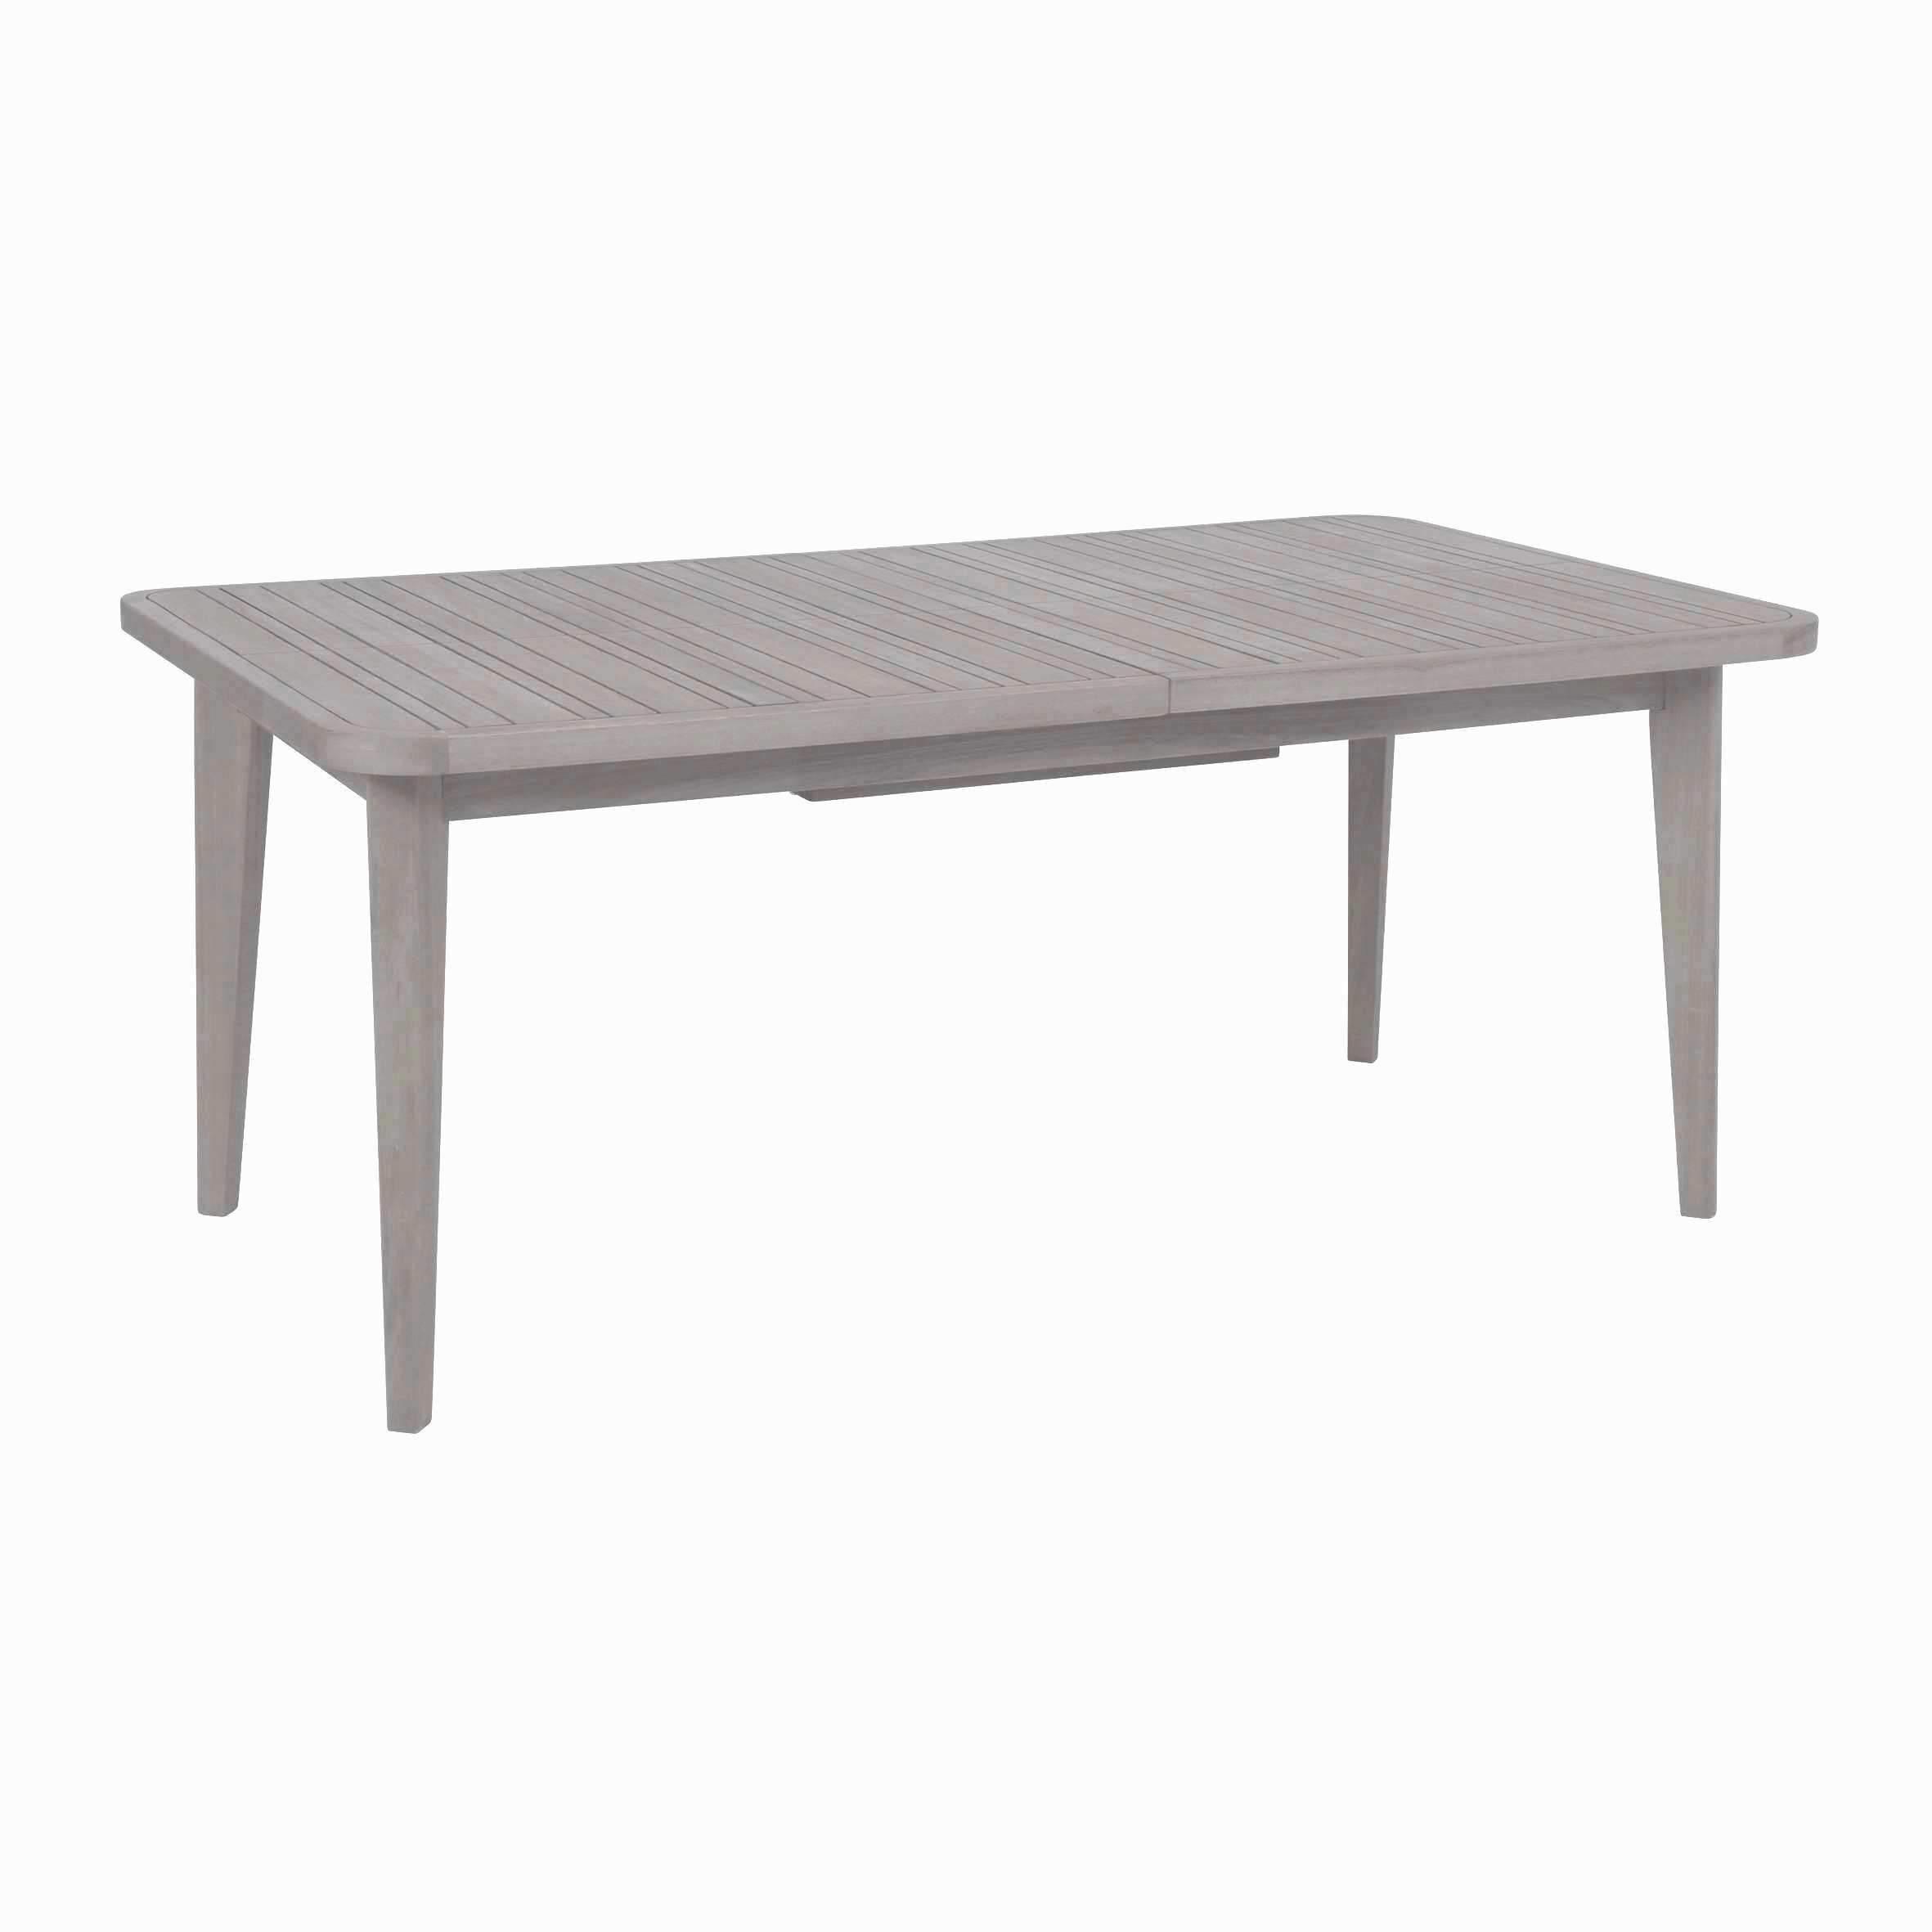 tisch und stuhle luxus 57 neu gartenstuhle tisch of tisch und stuhle